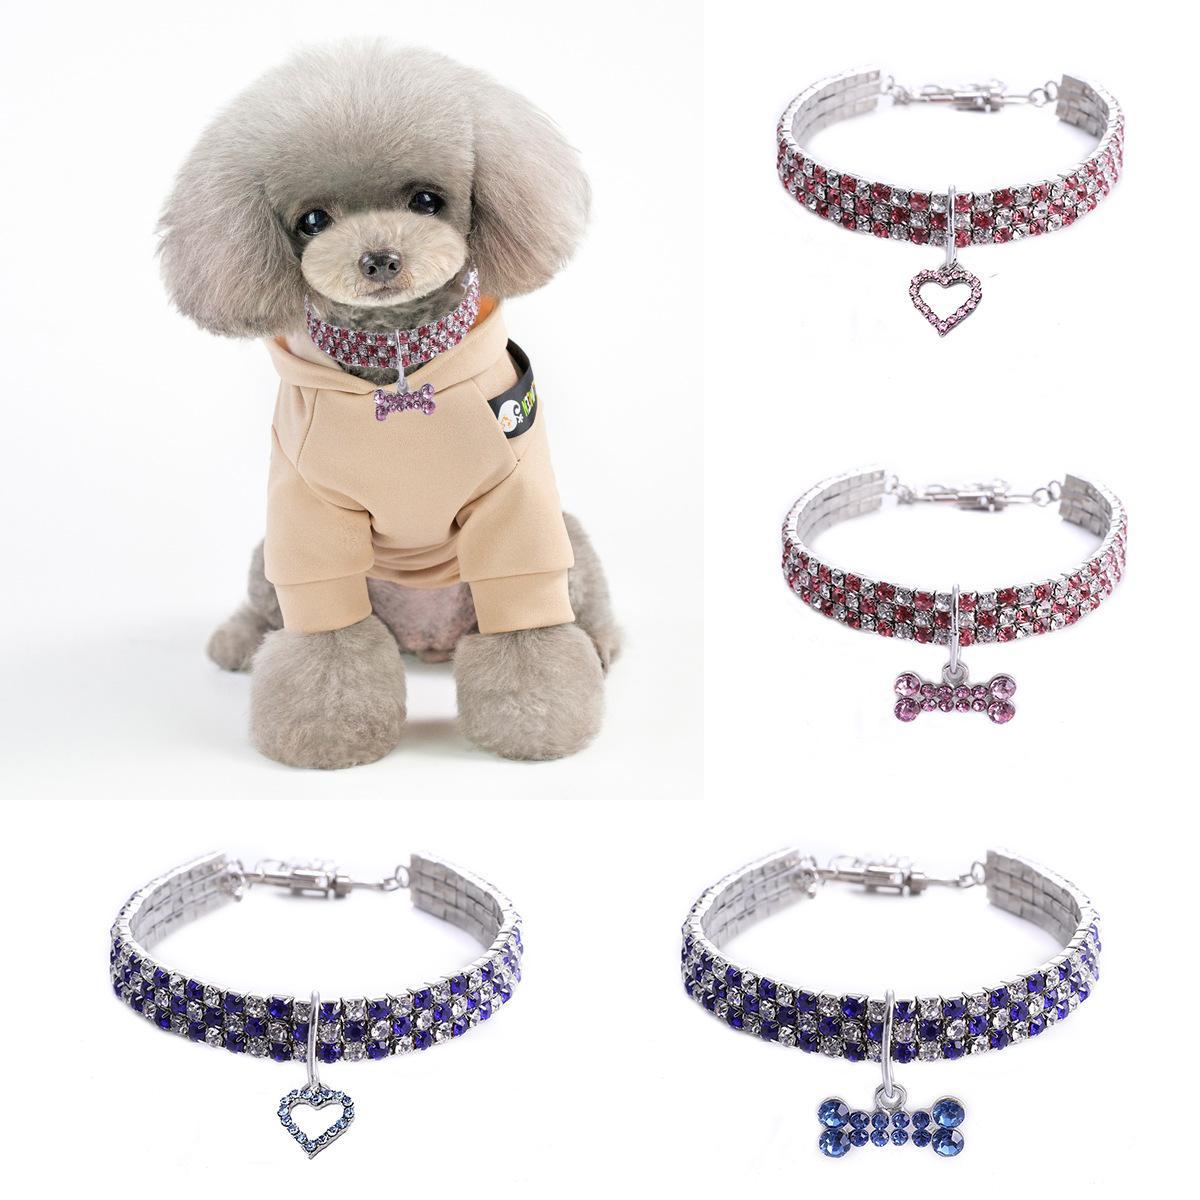 Collar del animal doméstico del gato del Rhinestone collar de perro Diamantes Diamante cristalino brillante del gato del perro elástico con el hueso colgante de collar